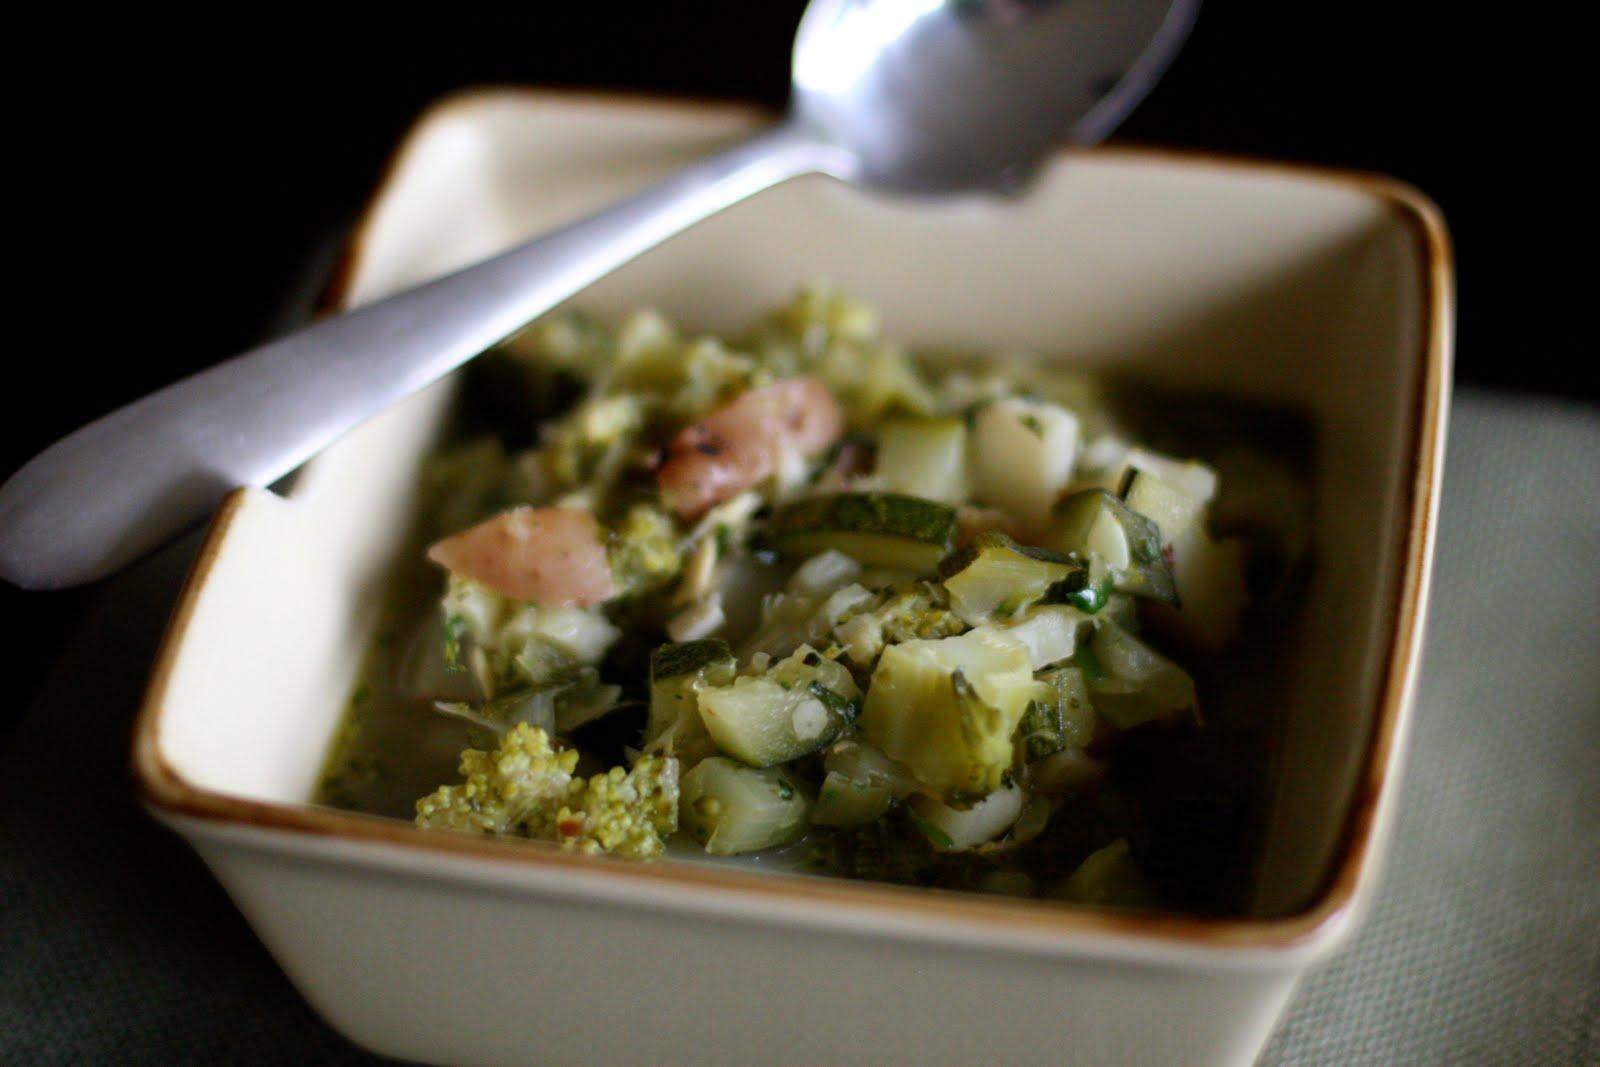 Zucchini and broccoli soup